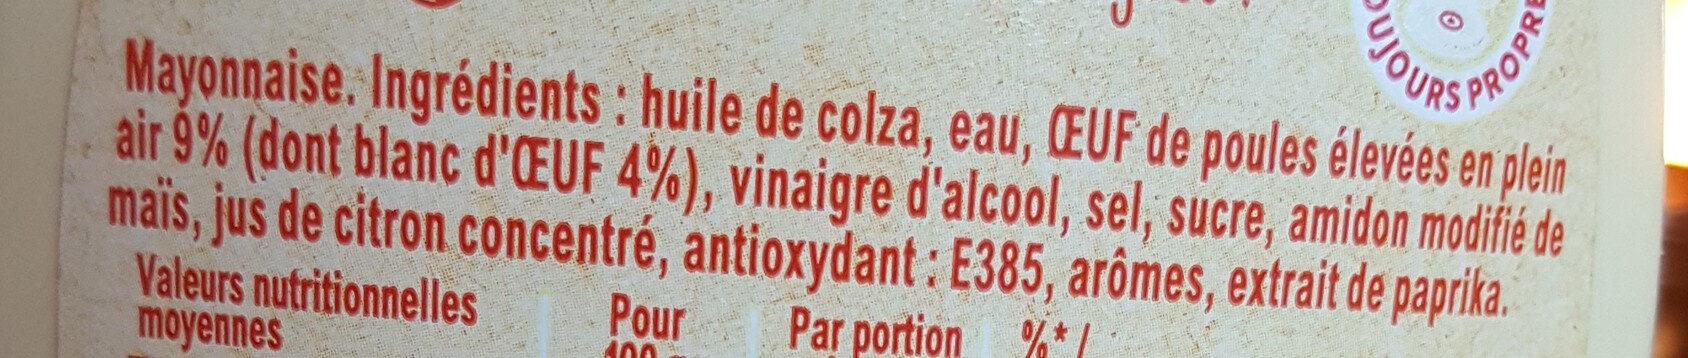 Amora Mayonnaise Recette Fouettée Flacon Souple 398g - Ingrédients - fr